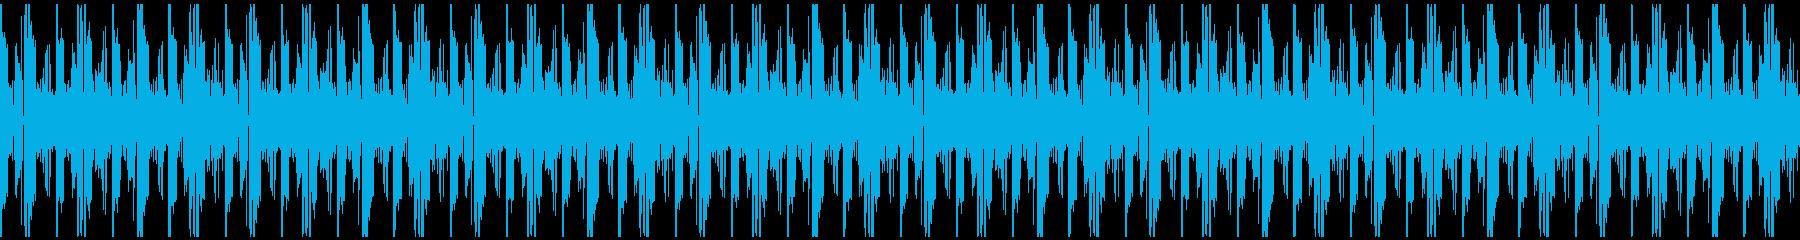 ヘリウム歌声、変な生き物、コミカル02の再生済みの波形